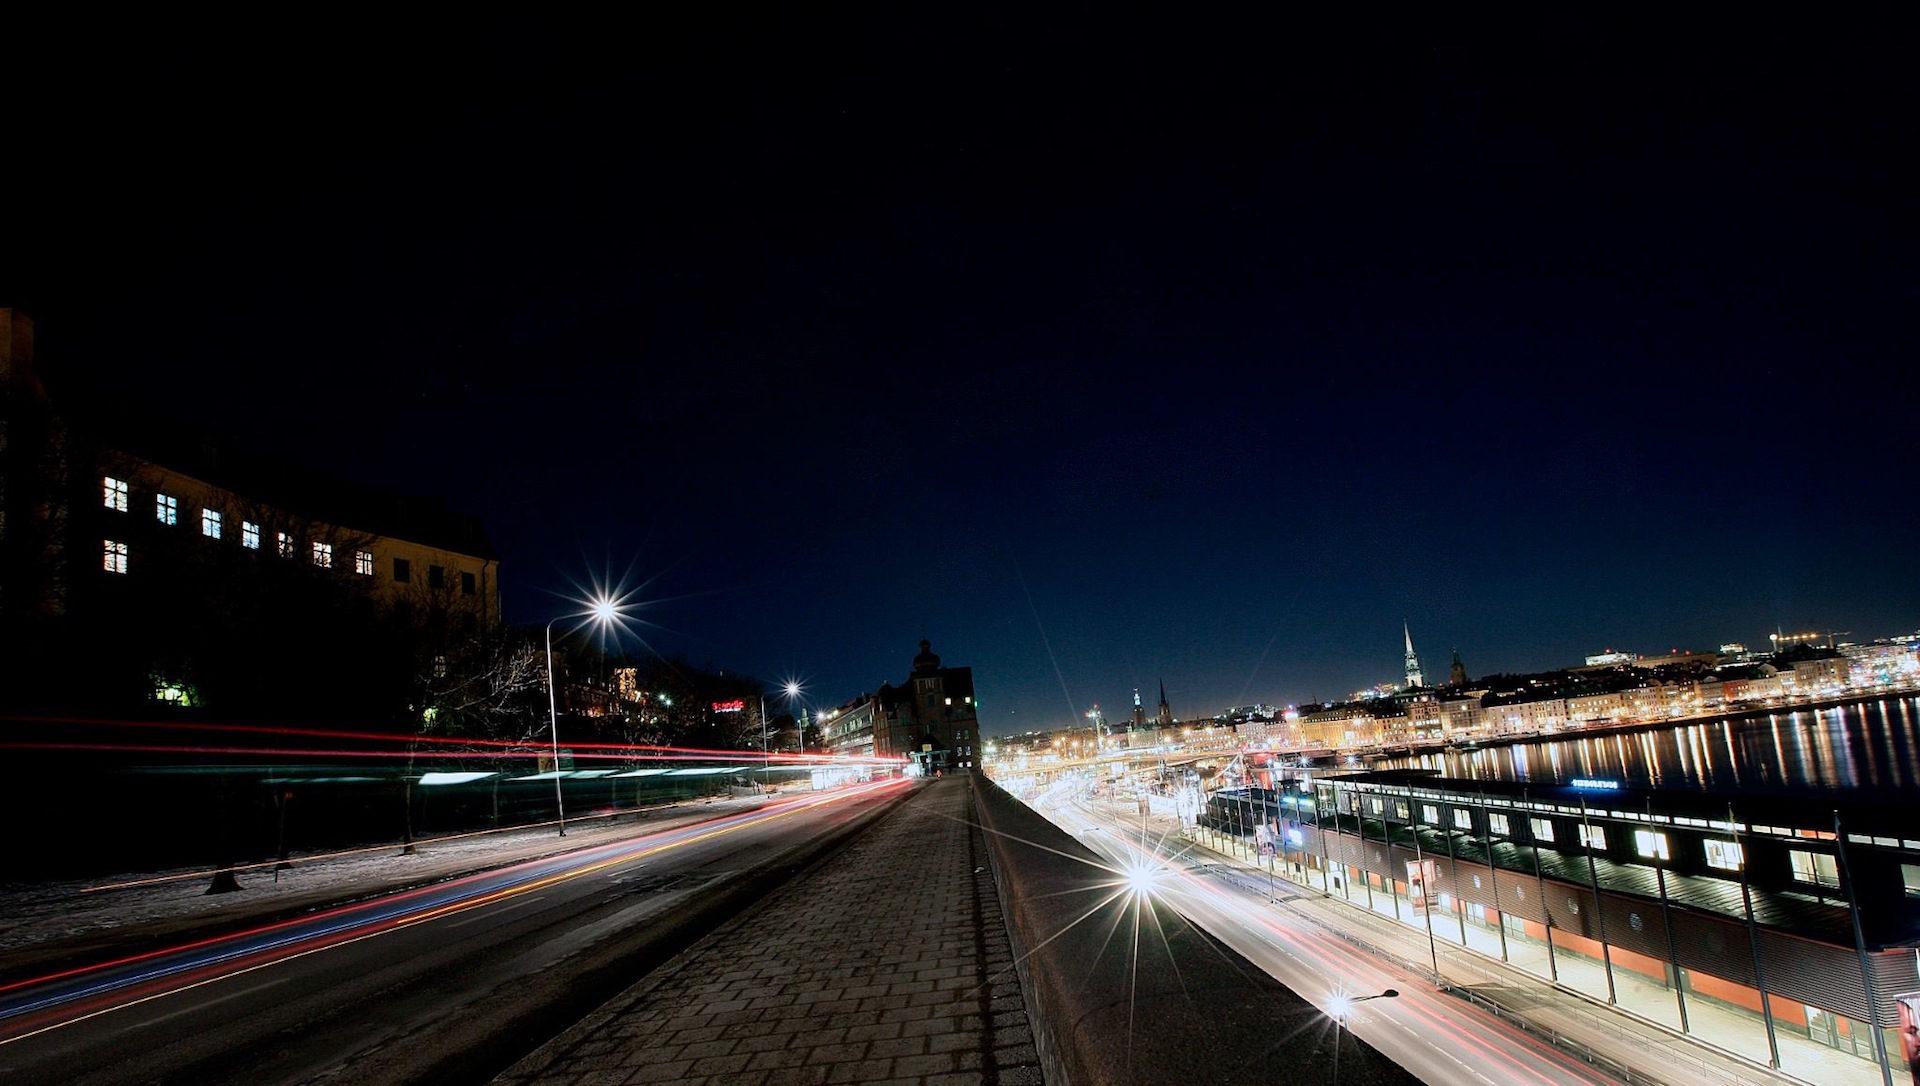 à noite, Cidade, luzes, tráfego, halos - Papéis de parede HD - Professor-falken.com